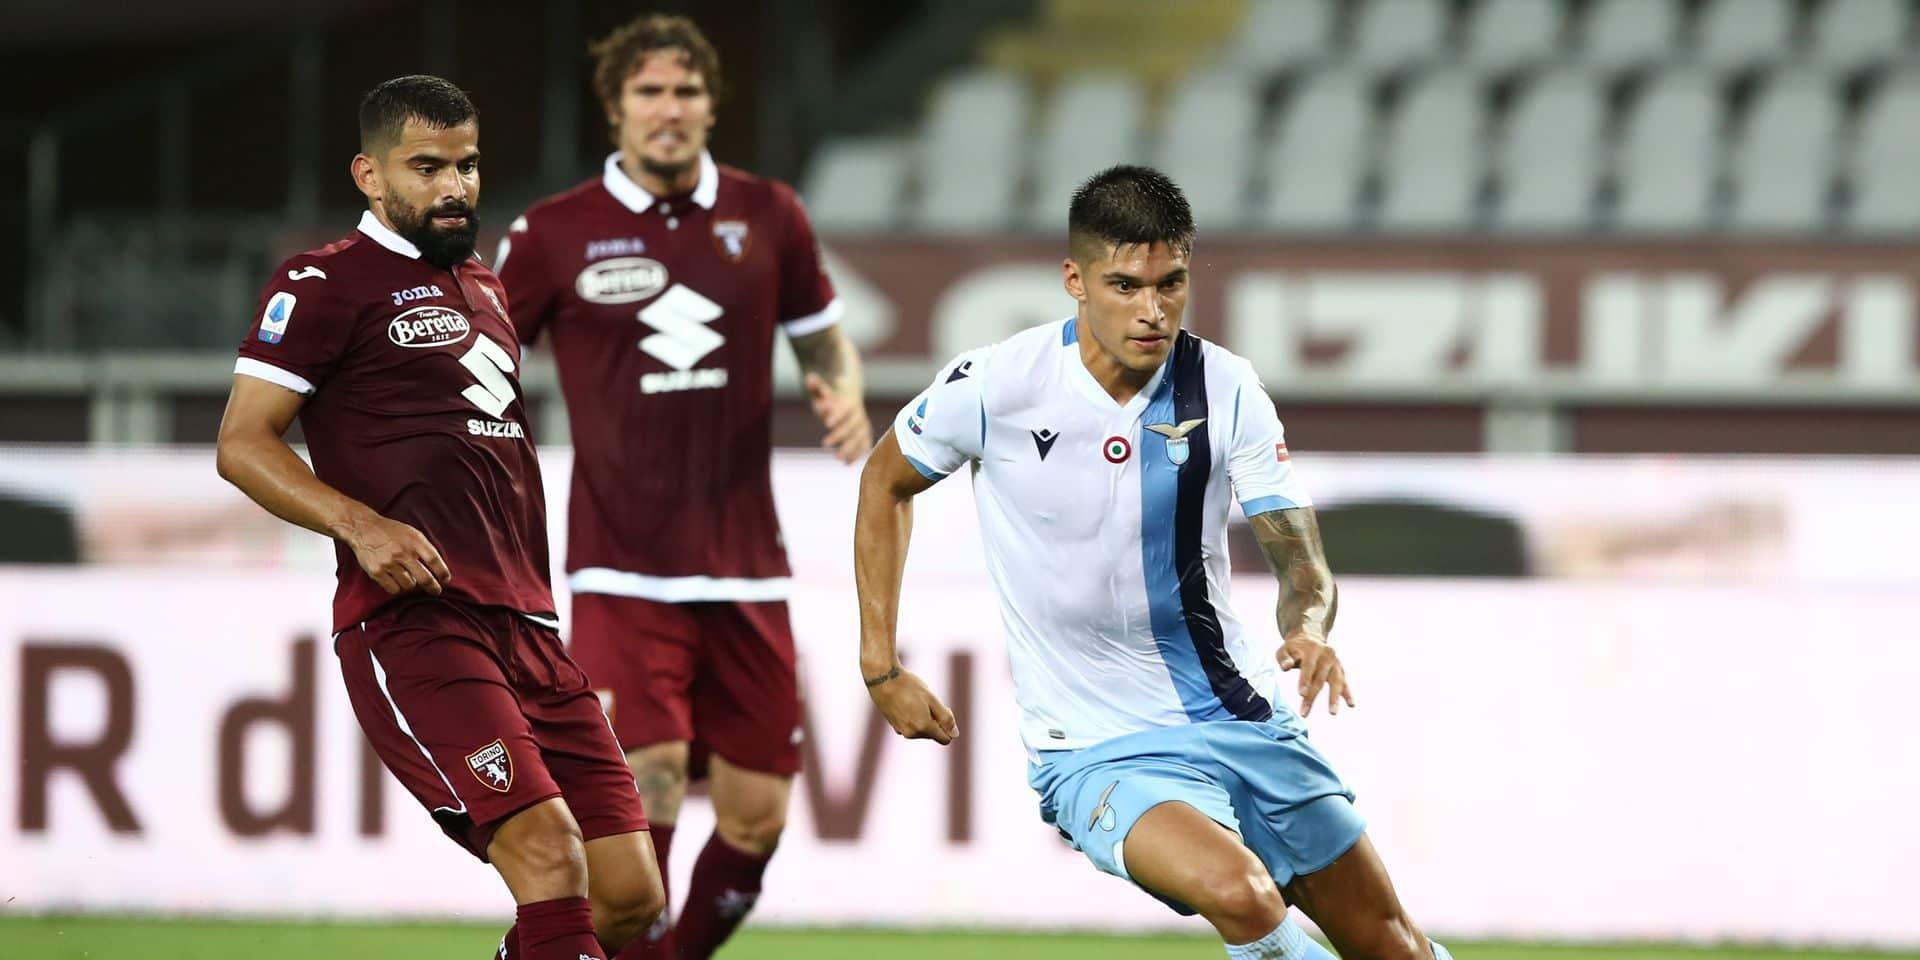 Belges à l'étranger: la Lazio émerge sur la pelouse du Torino, Manchester United facile vainqueur de Brighton et Trossard